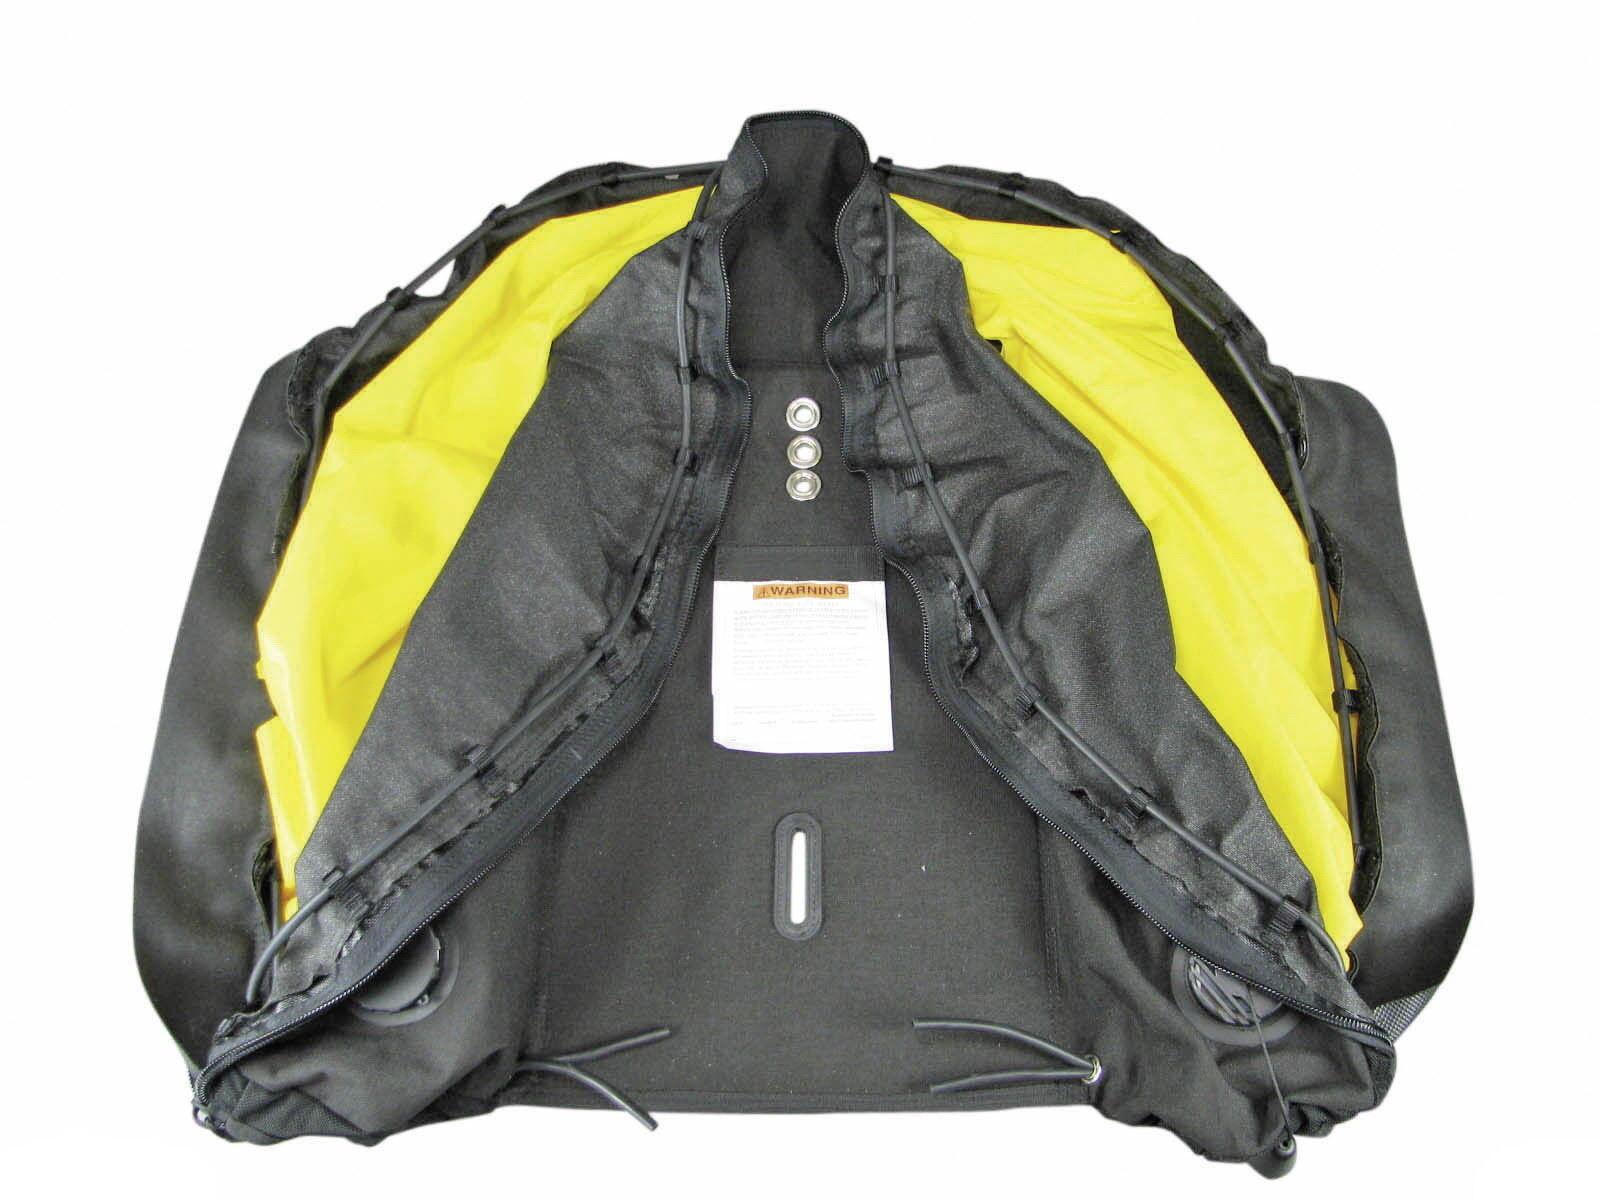 Apeks WTX Bungee Kit passend für die neuen WTX WTX WTX Blasen ee9251